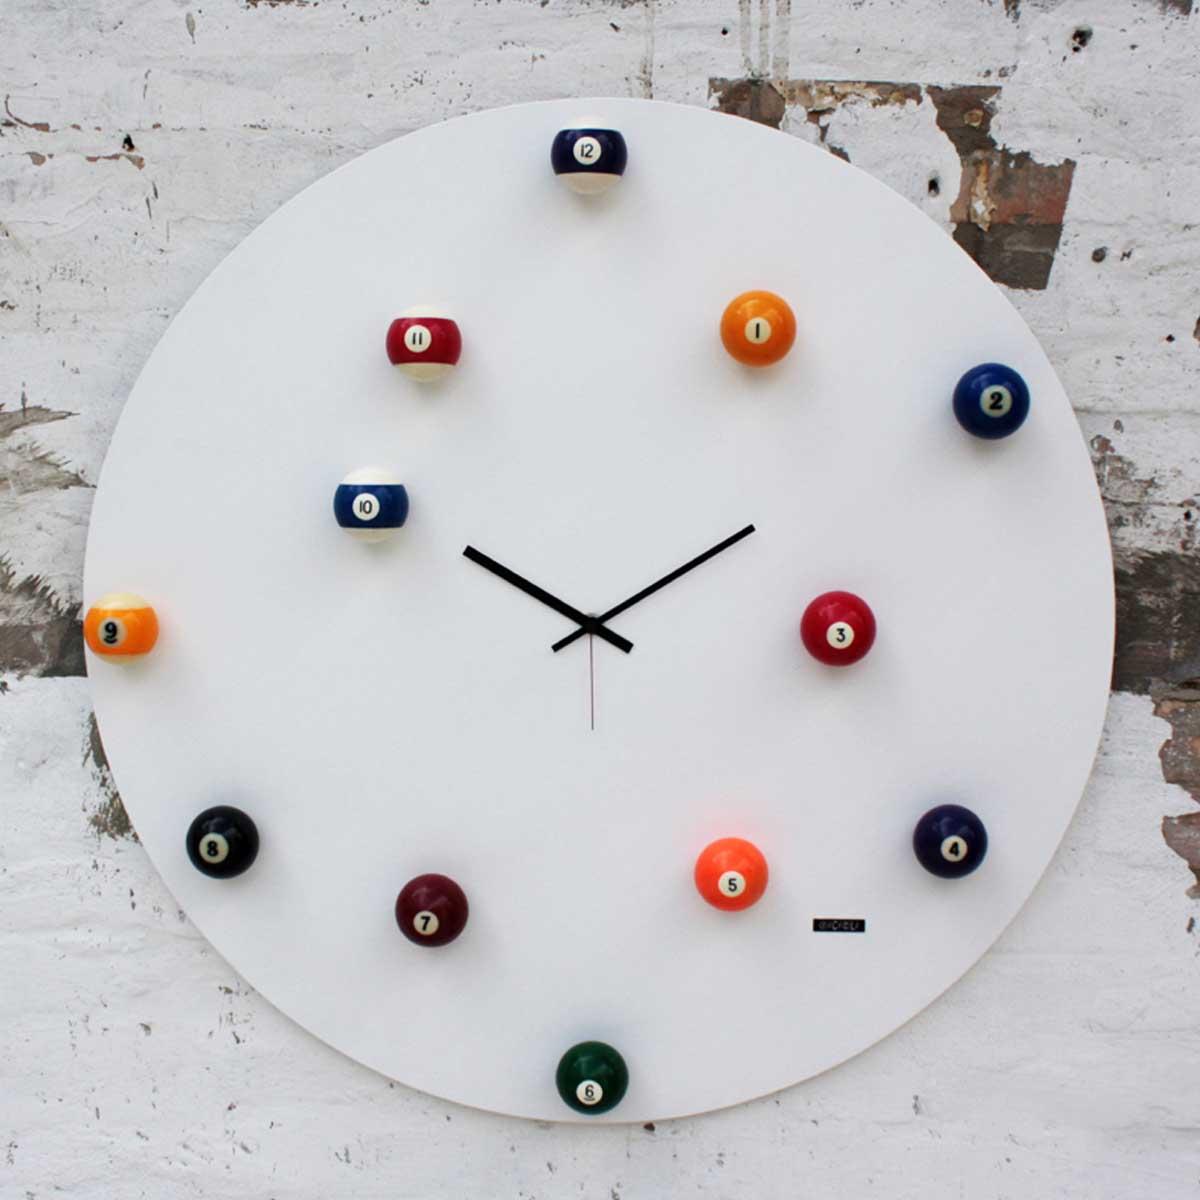 Orologio realizzato con materiali recuperati, legno e palle da biliardo